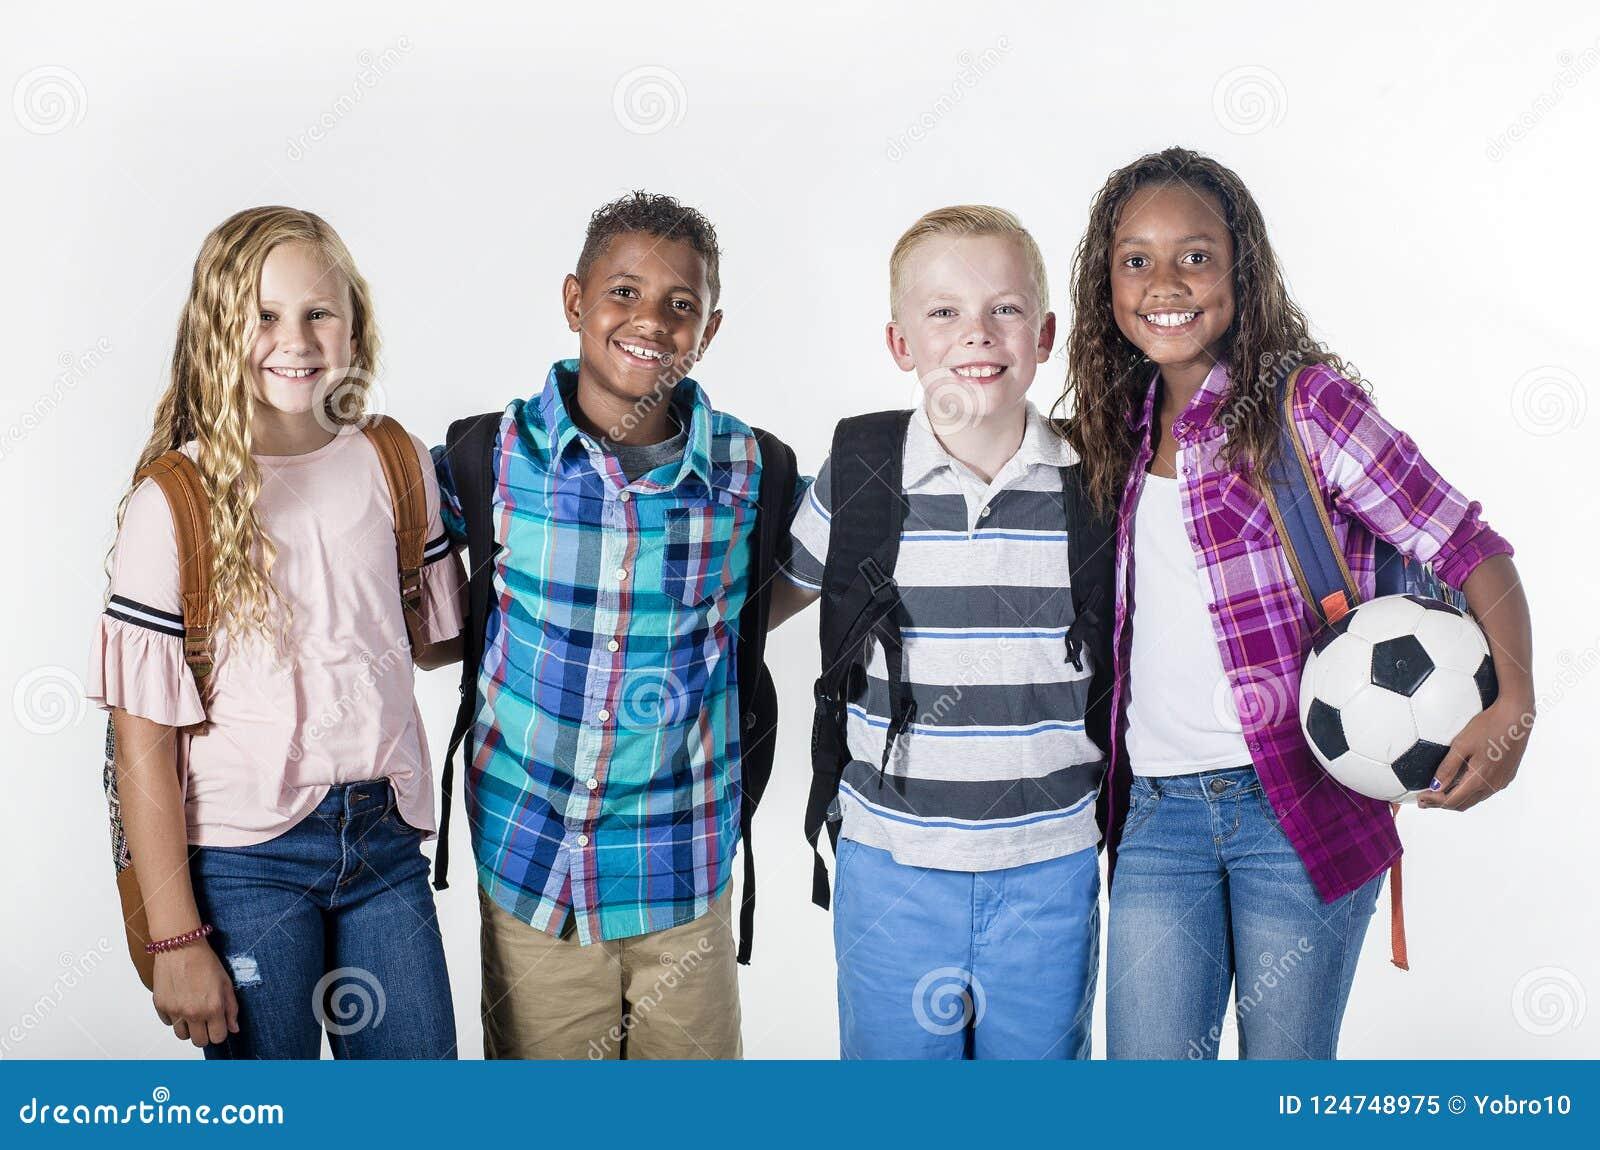 Agrupe el retrato de los niños preadolescentes de la escuela que sonríen en un fondo blanco